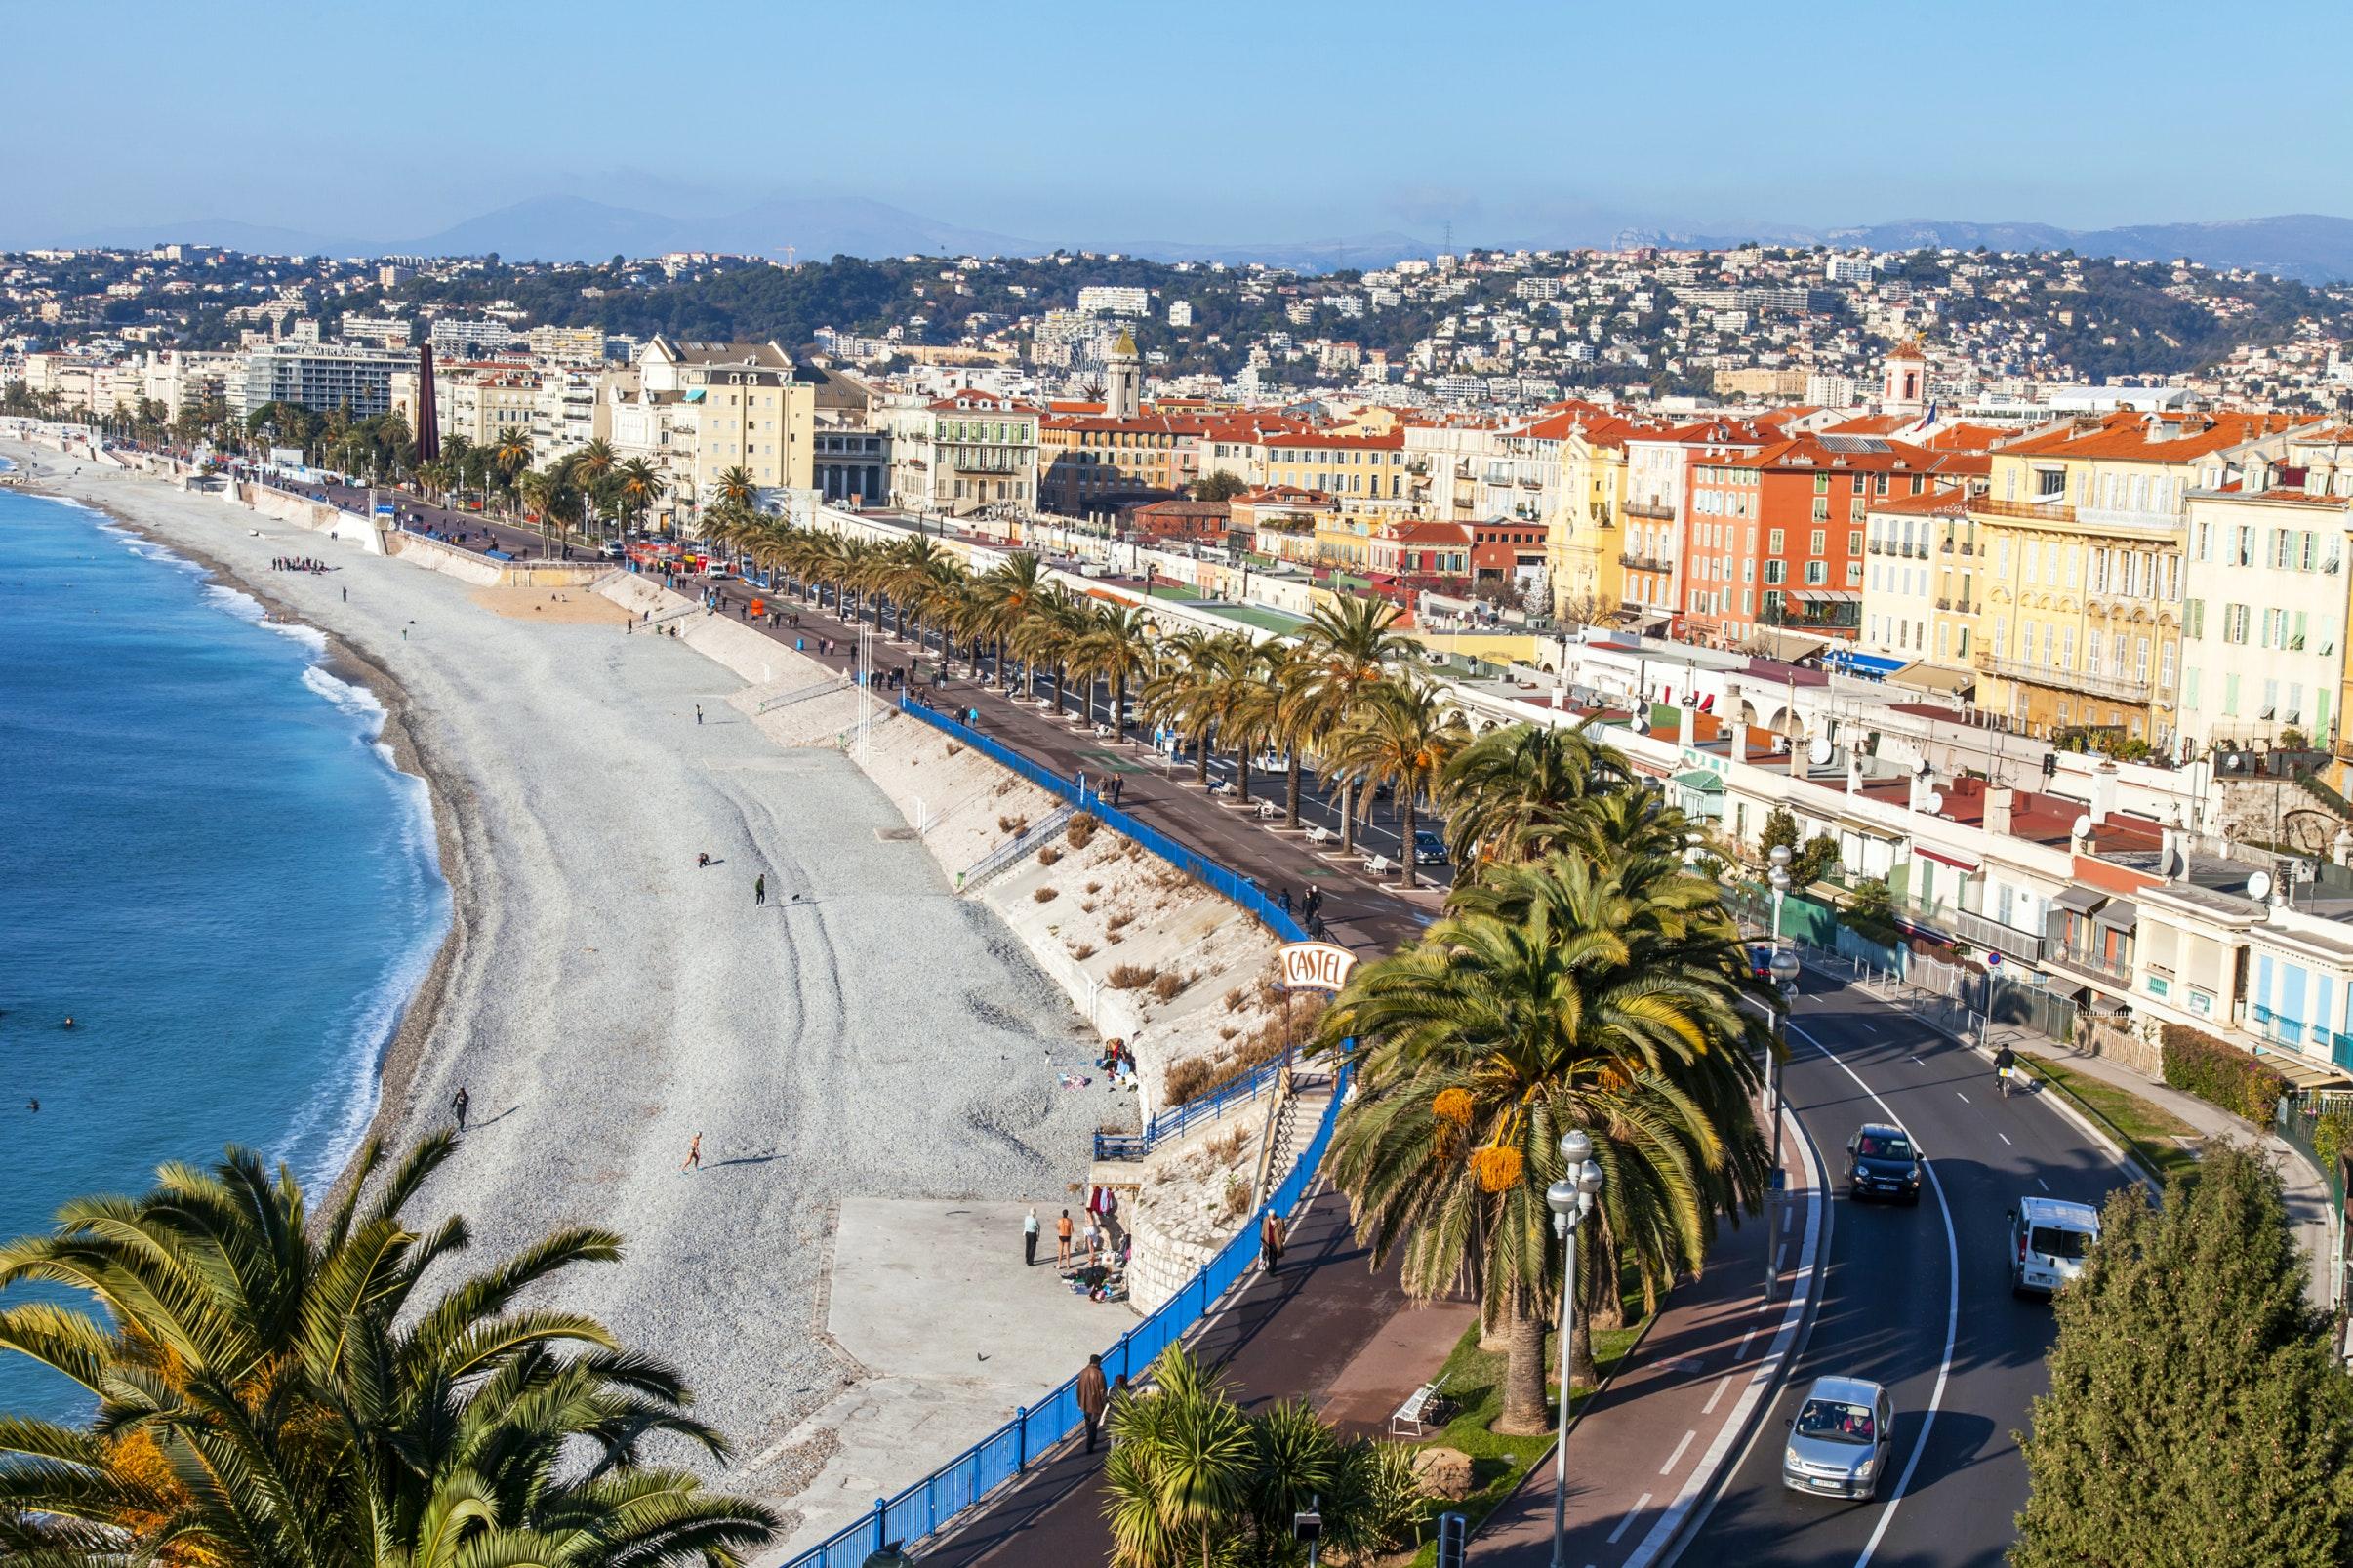 Promenade des Anglais em Nice